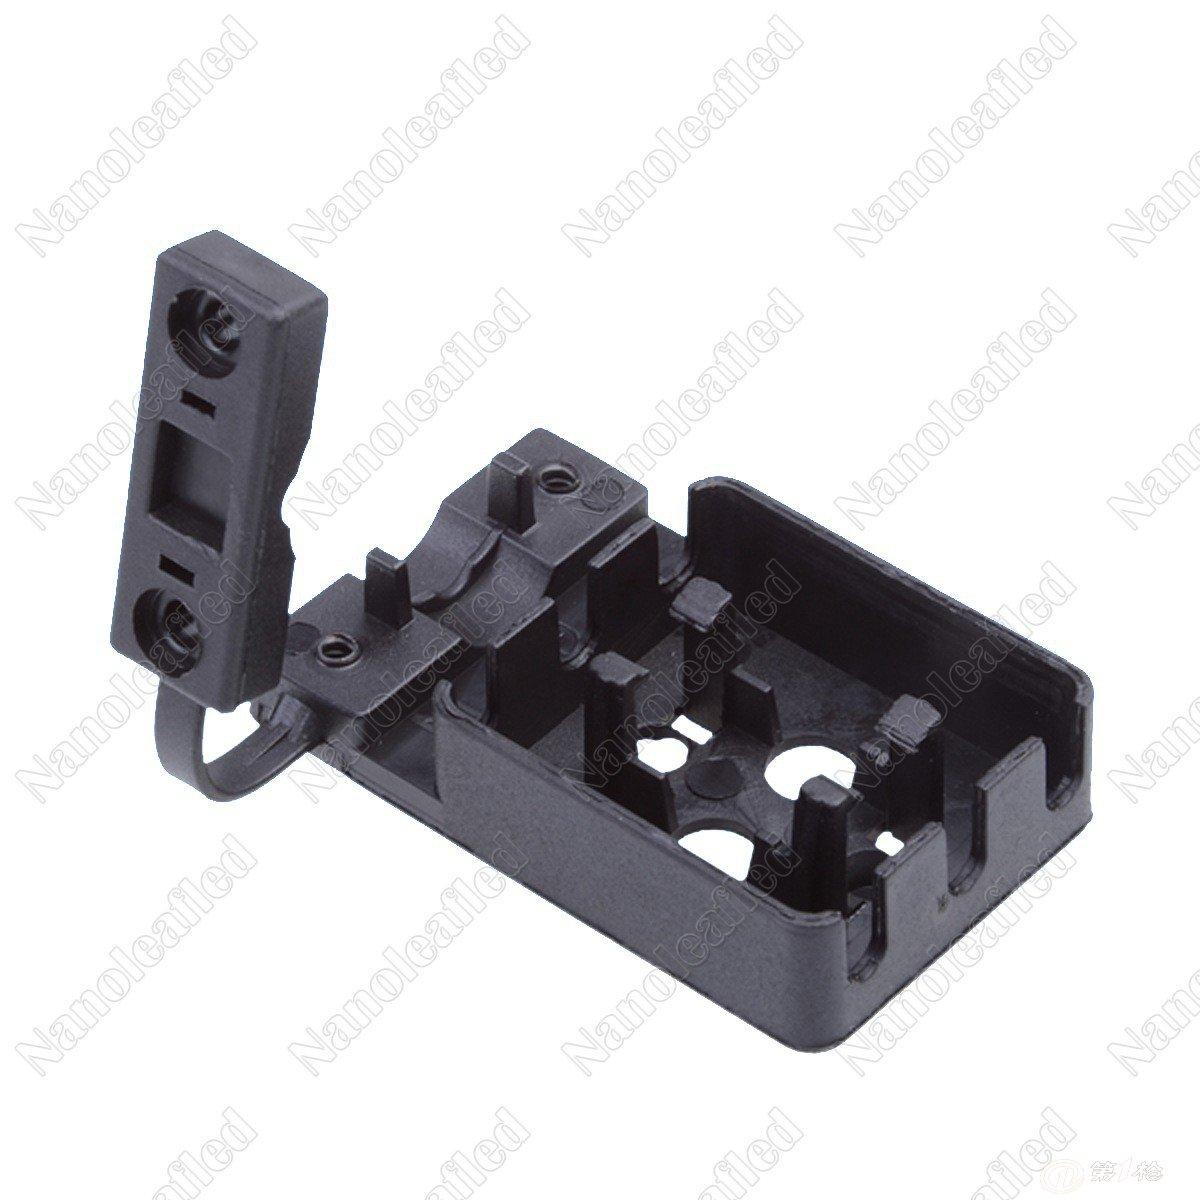 卡扣式接线盒 端子接线盒 灯具接线盒 塑料 防尘保护盒